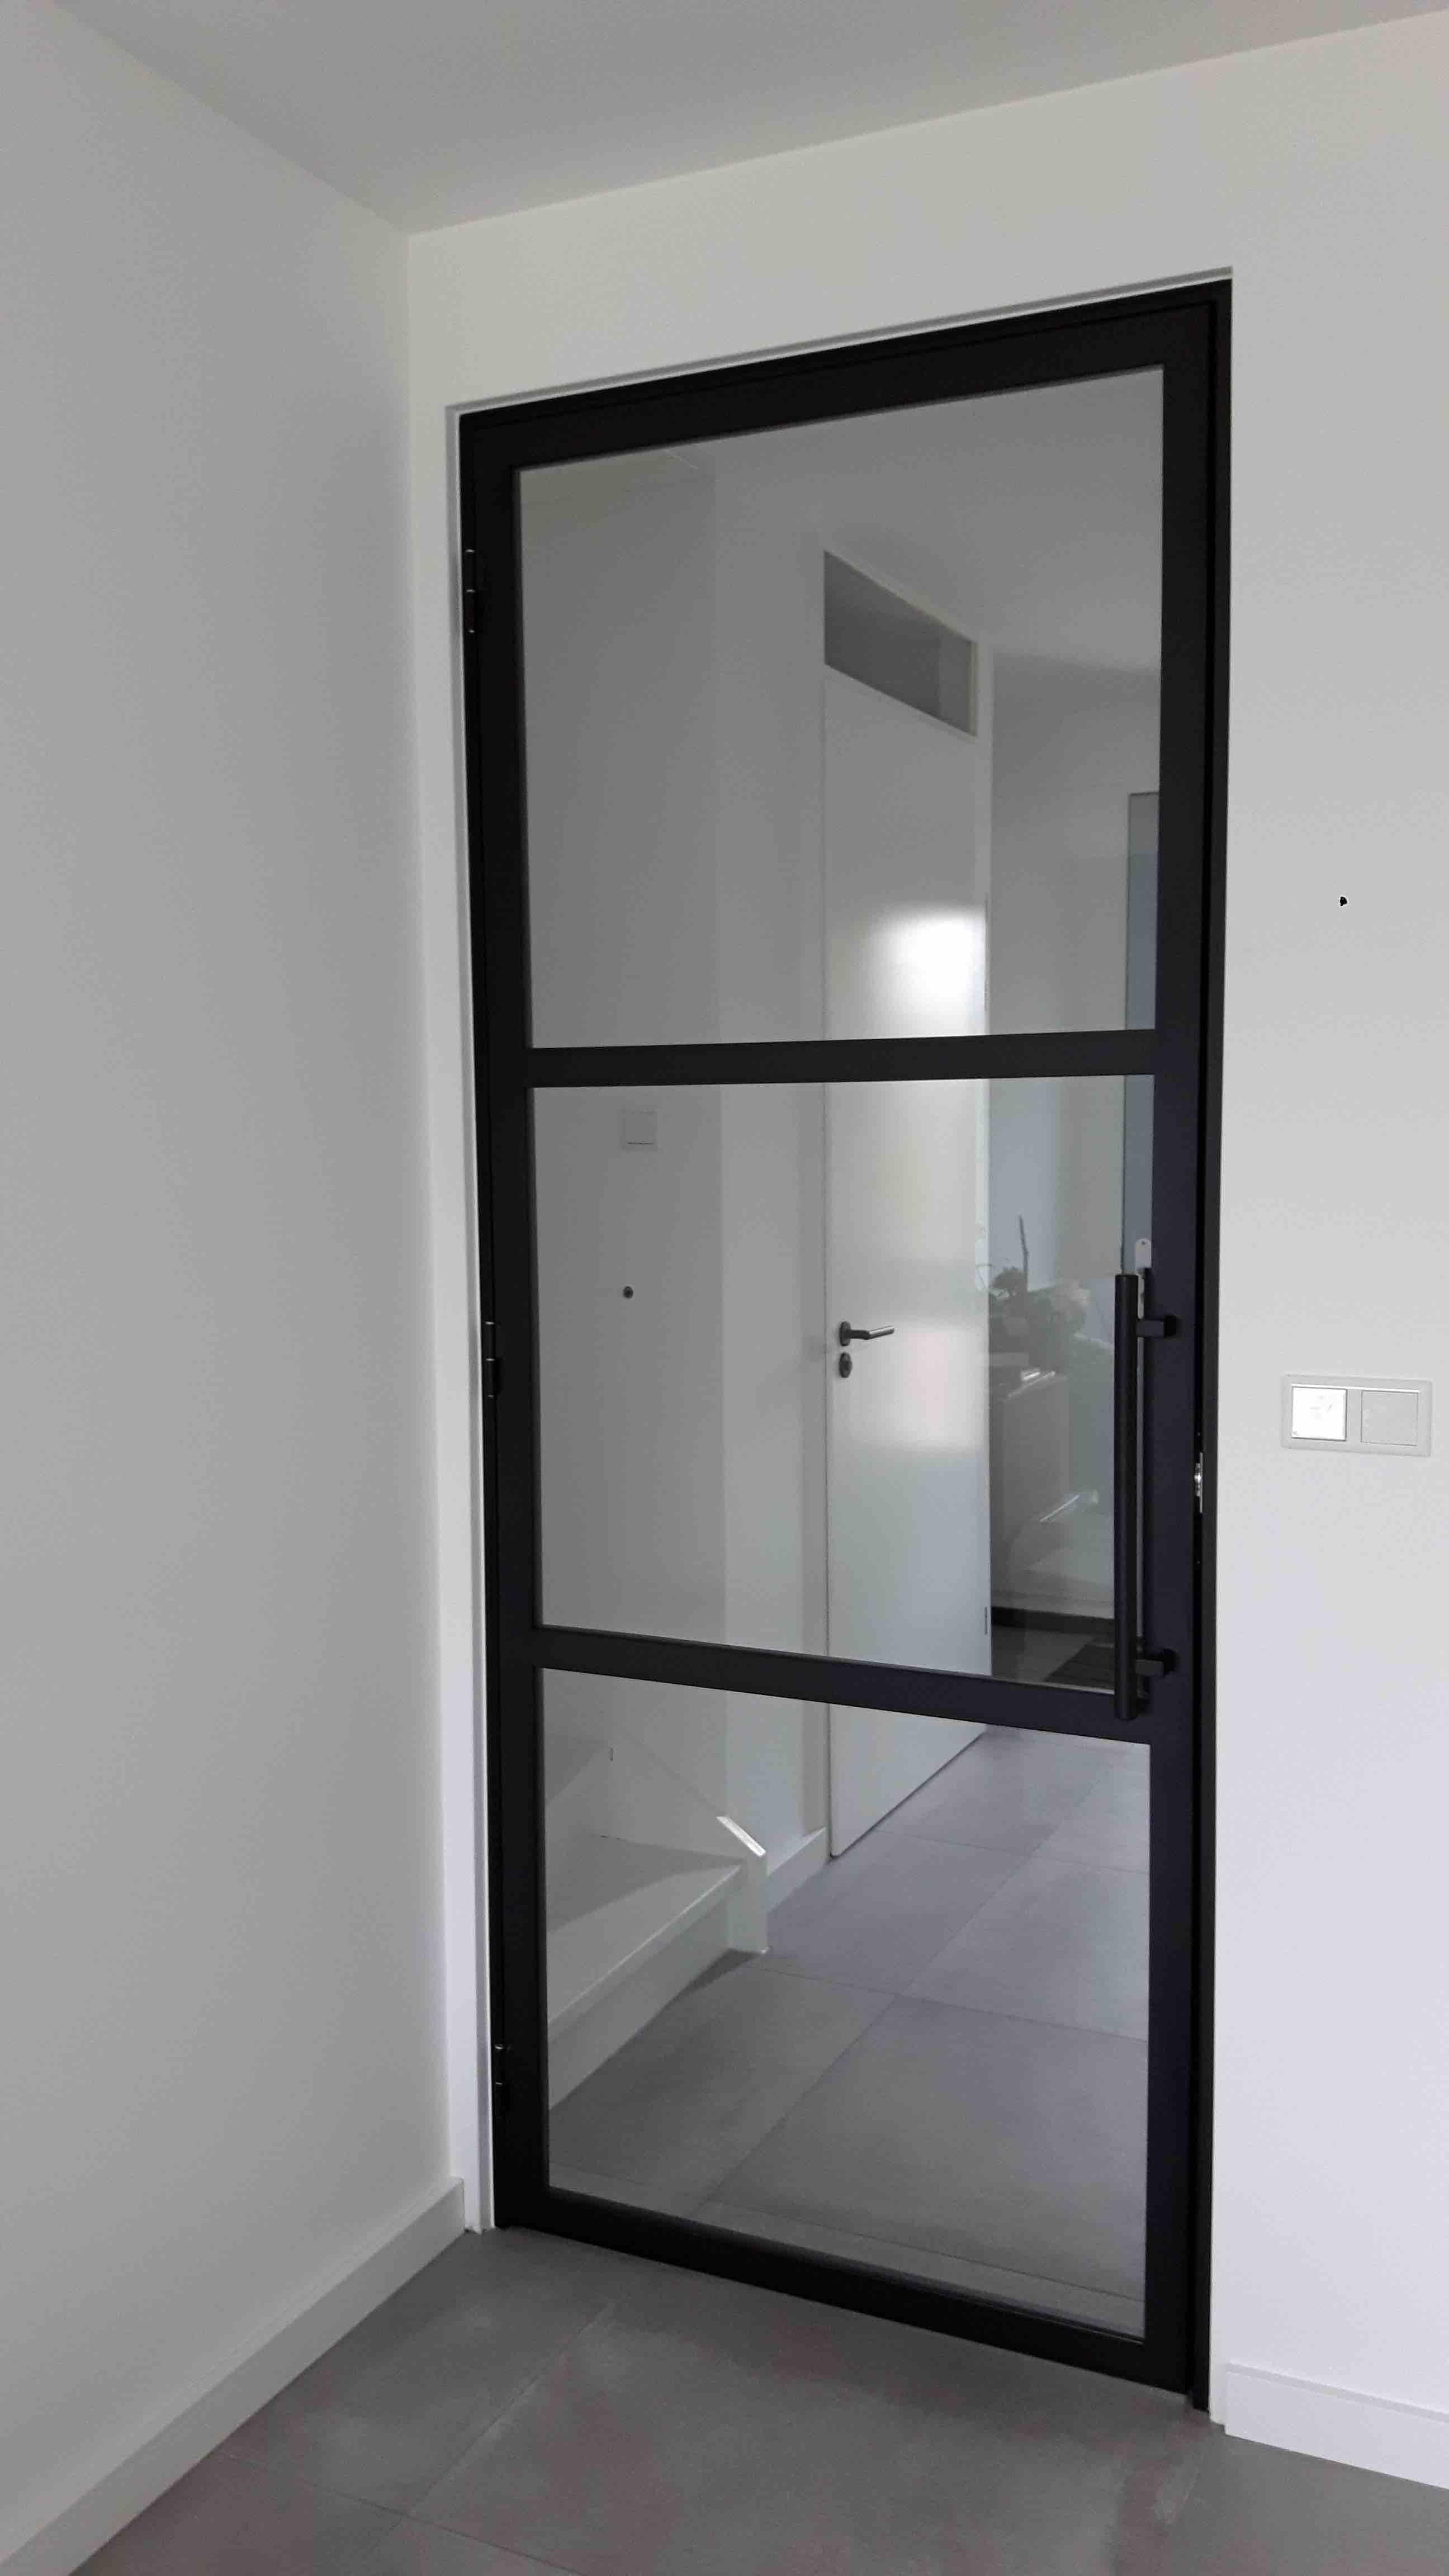 Stalen deur (scharnier) met 3 vlakken en buisgreep - Zevenhuizen - Mijn Stalen Deur